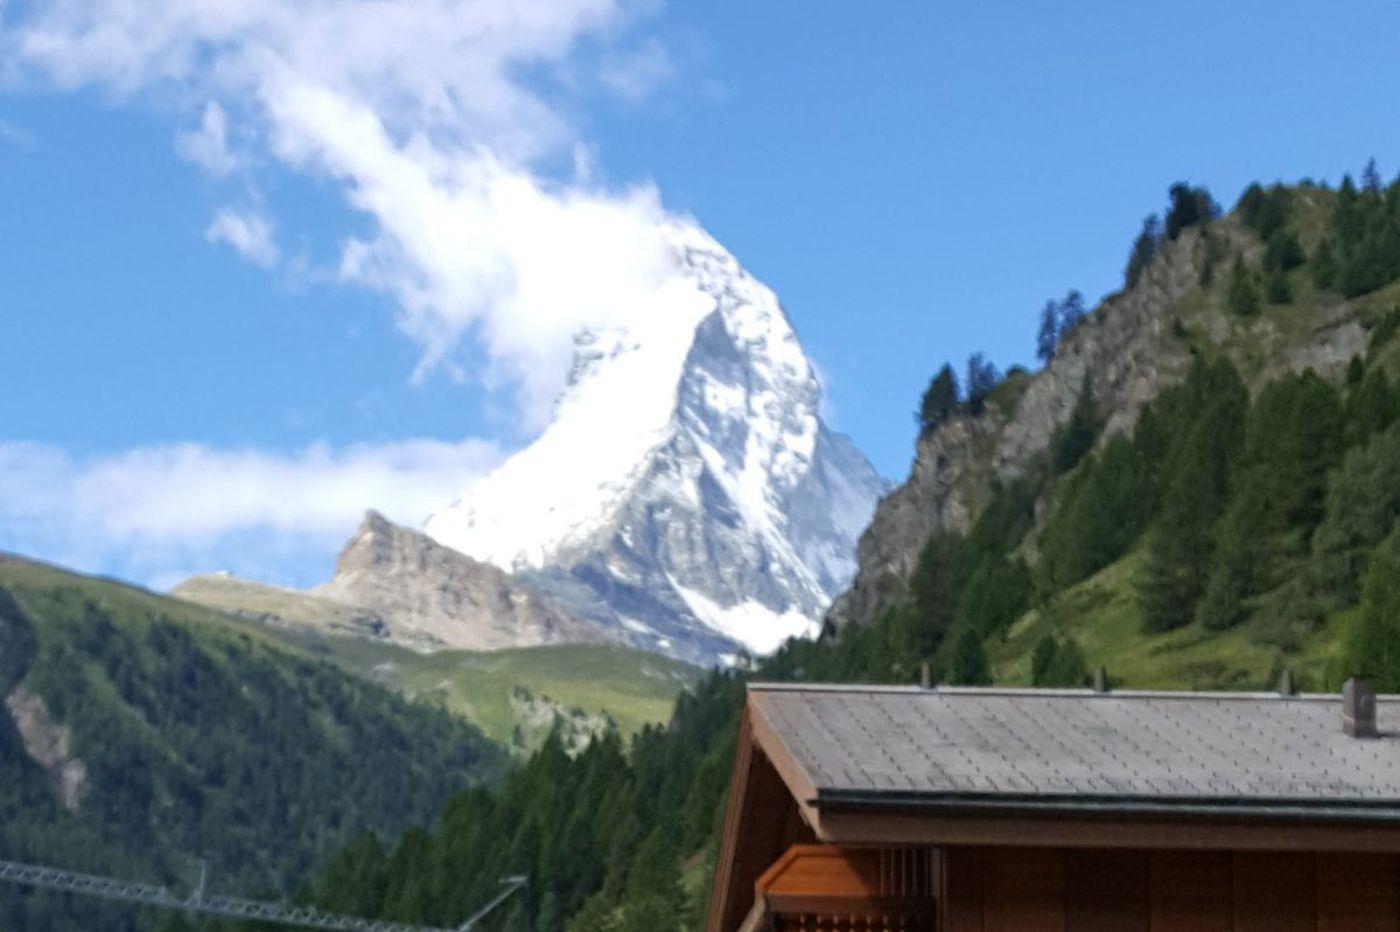 Personal Journey: The legendary Matterhorn is a Swiss can't-miss